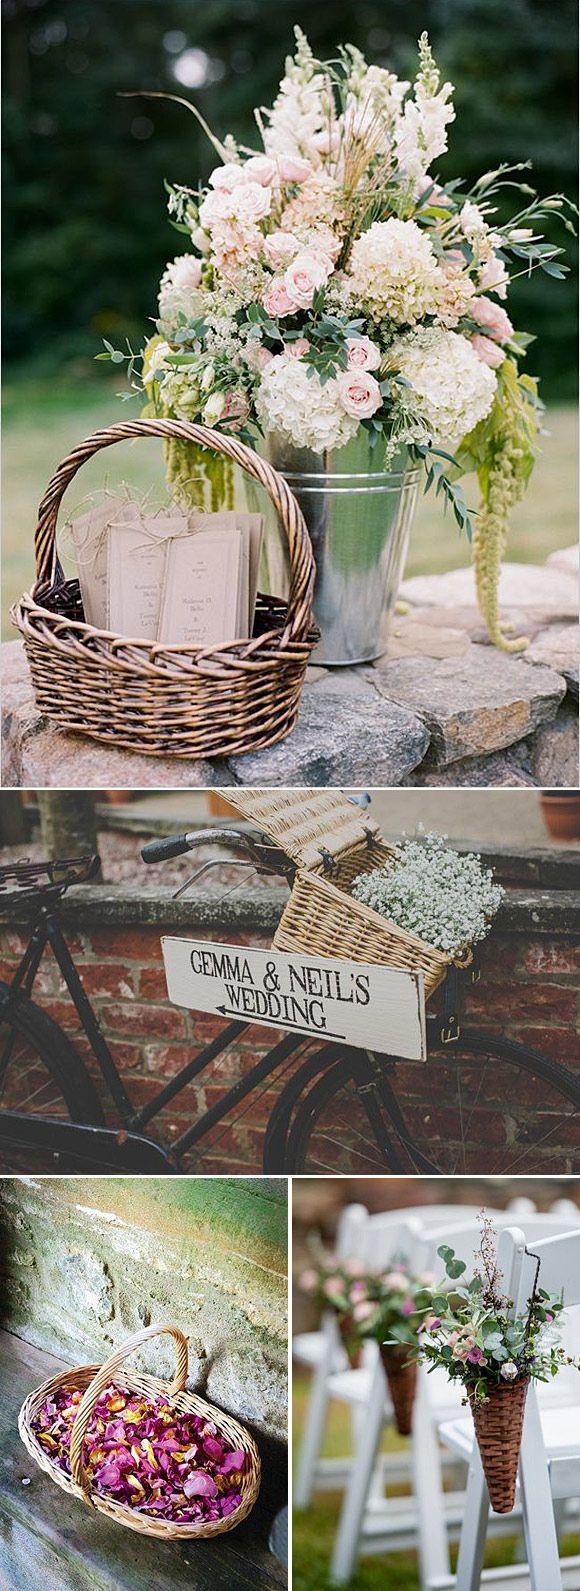 cestas ideas para decorar bodas y fiestas en el campo